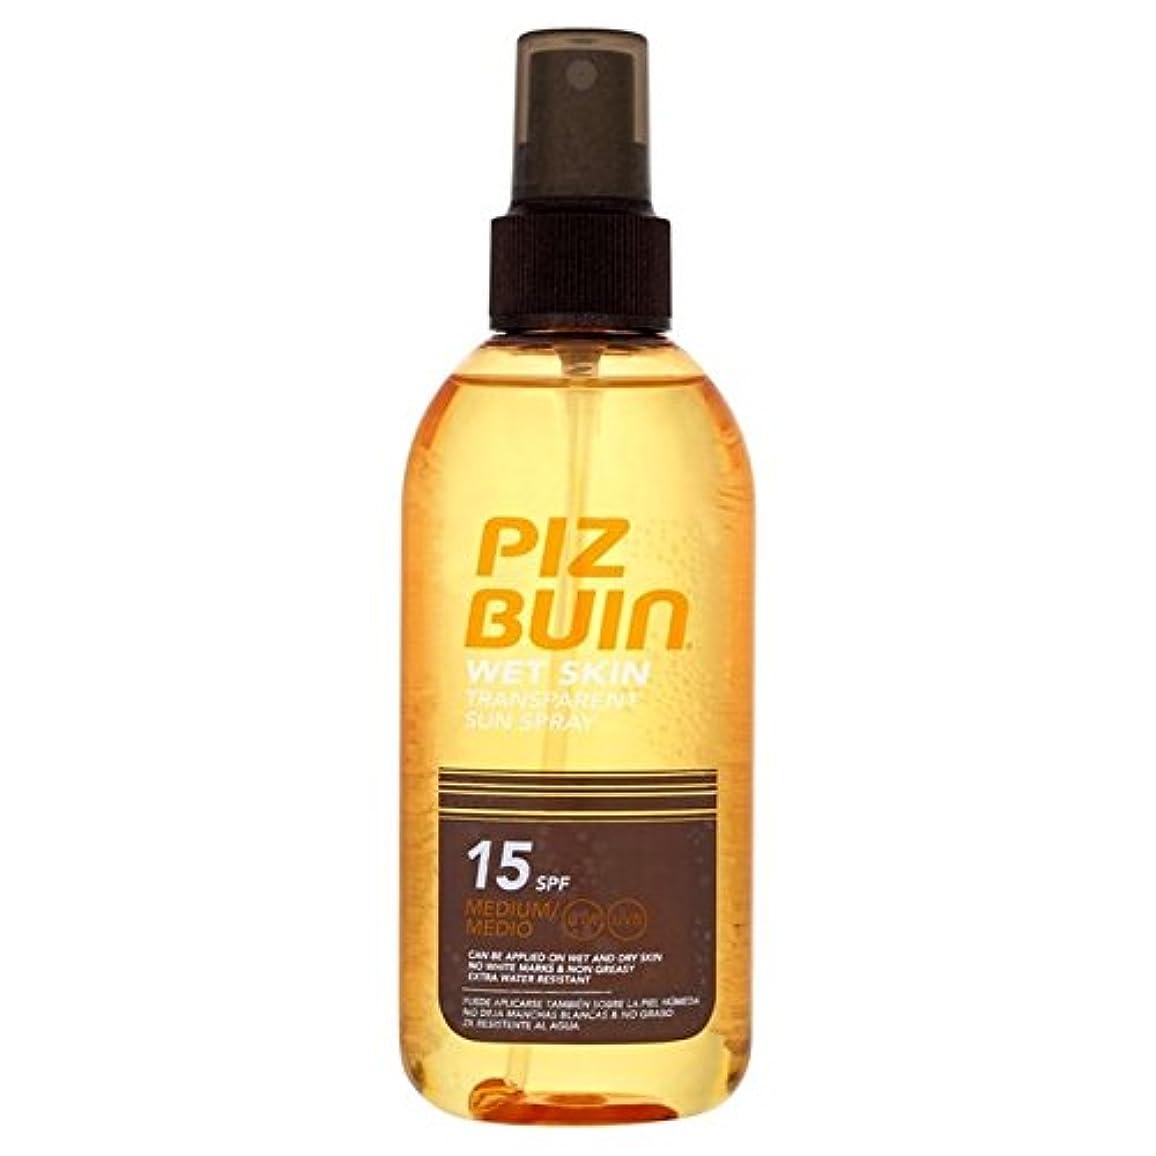 残る旅行者松ピッツブーインの湿った透明肌15の150ミリリットル x4 - Piz Buin Wet Transparent Skin SPF15 150ml (Pack of 4) [並行輸入品]